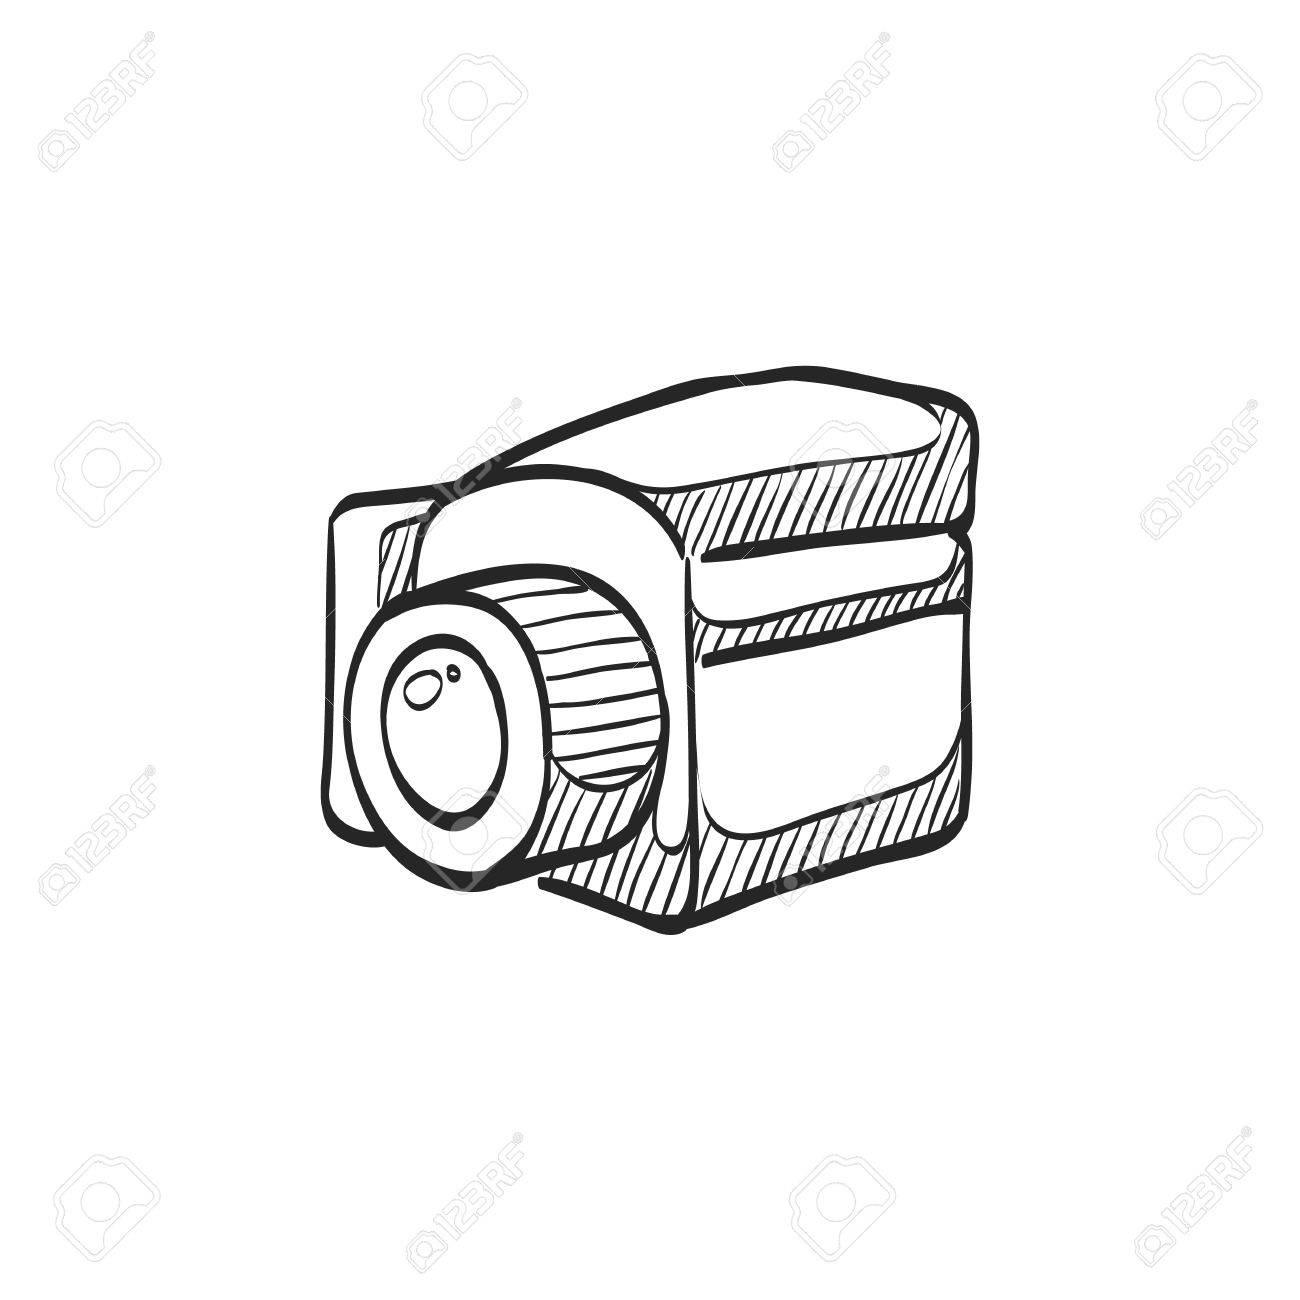 1300x1300 Camera Icon In Doodle Sketch Lines. Vintage Retro Photography